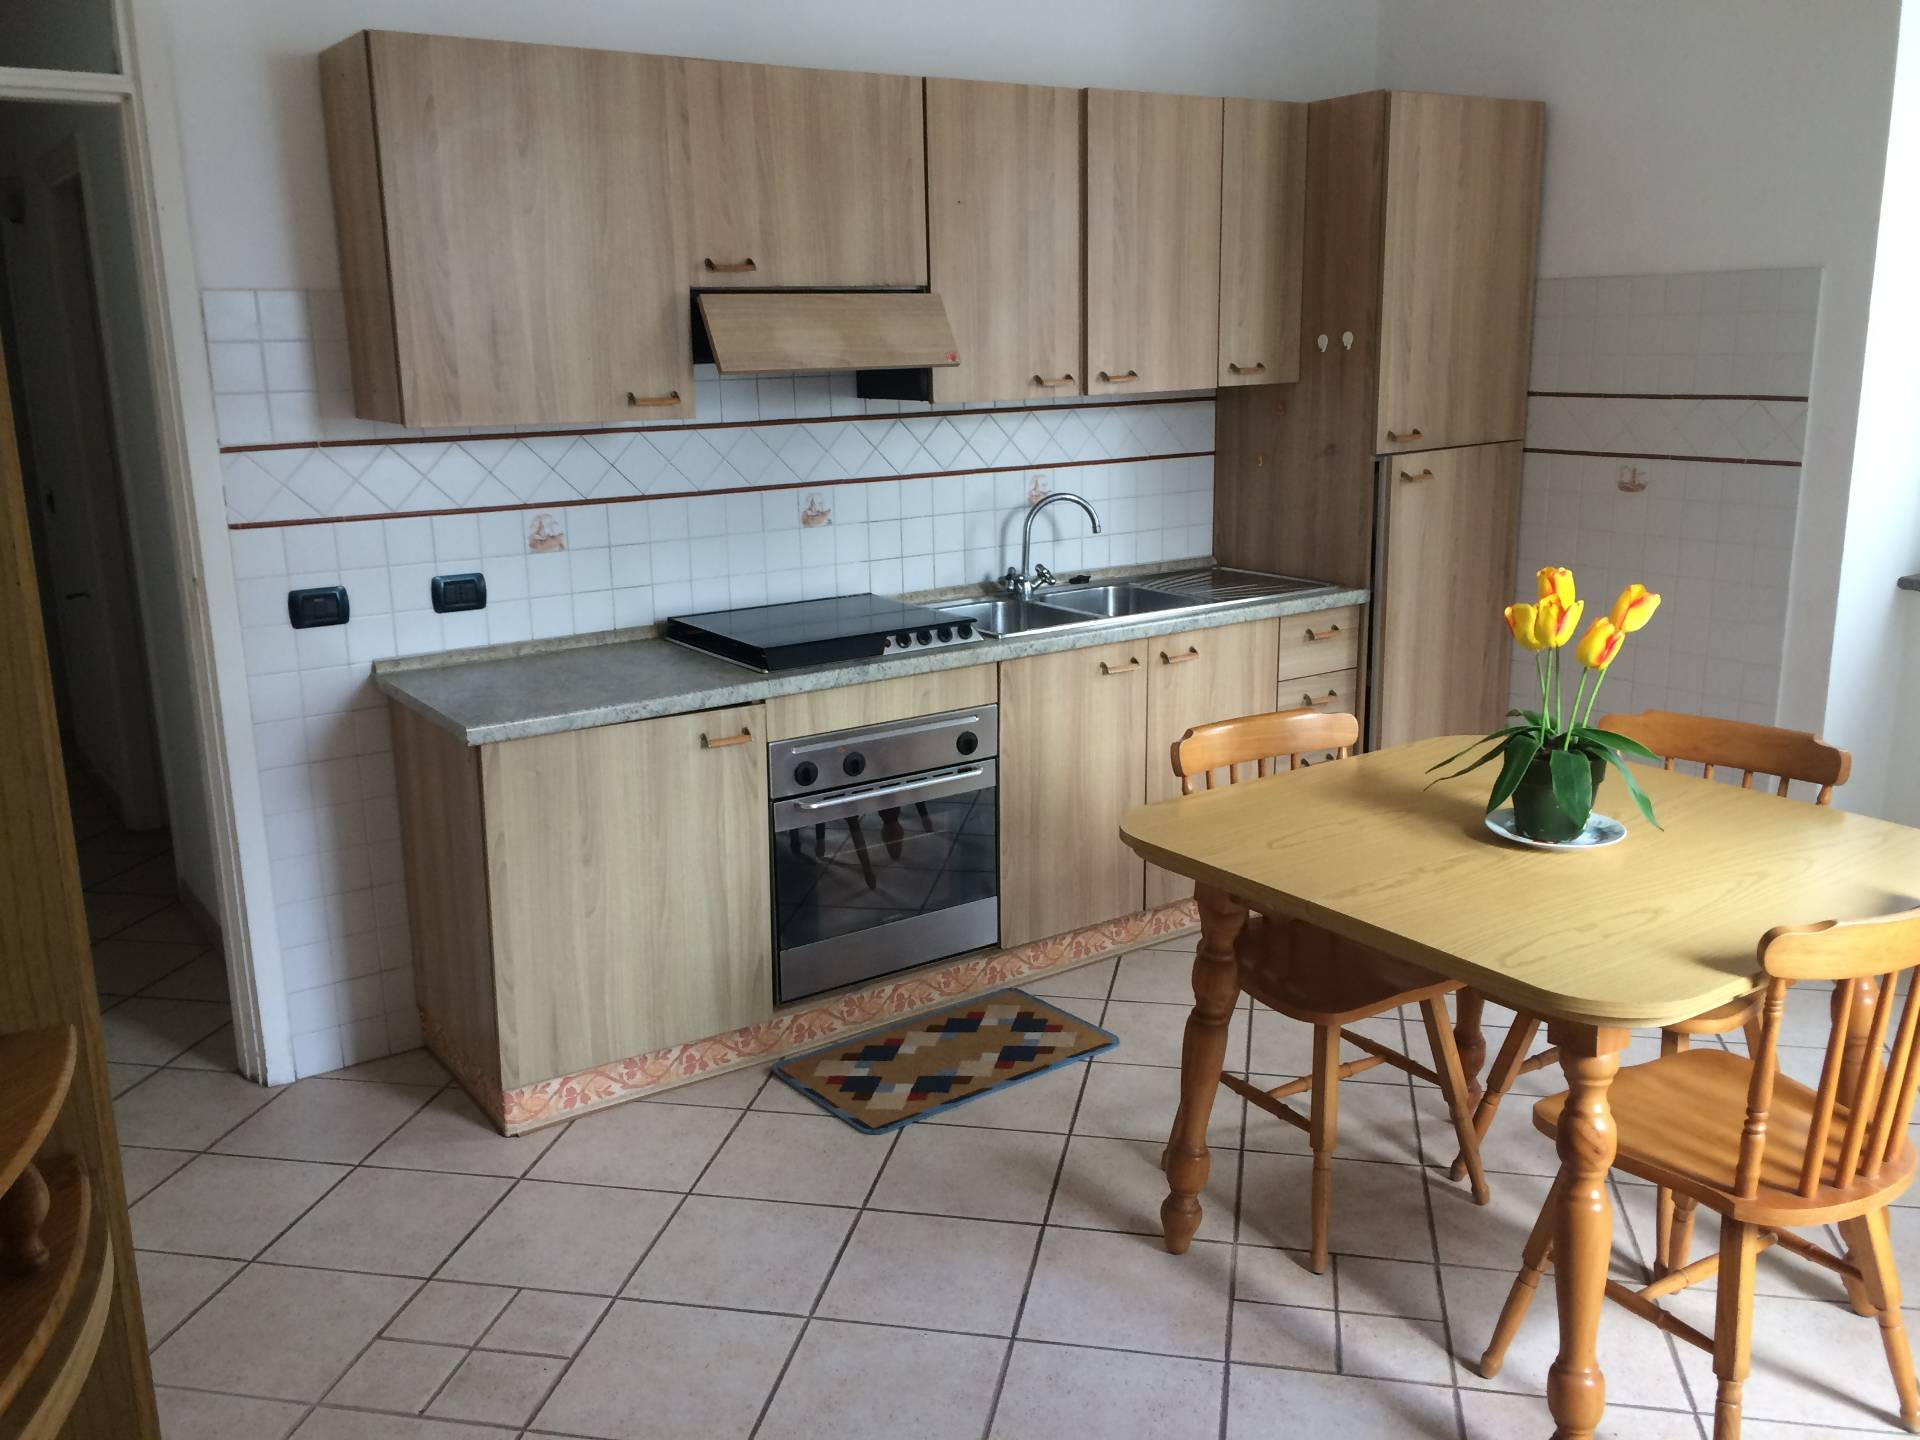 Appartamento in vendita a Ischia, 3 locali, zona Località: SanMichele, prezzo € 280.000 | CambioCasa.it